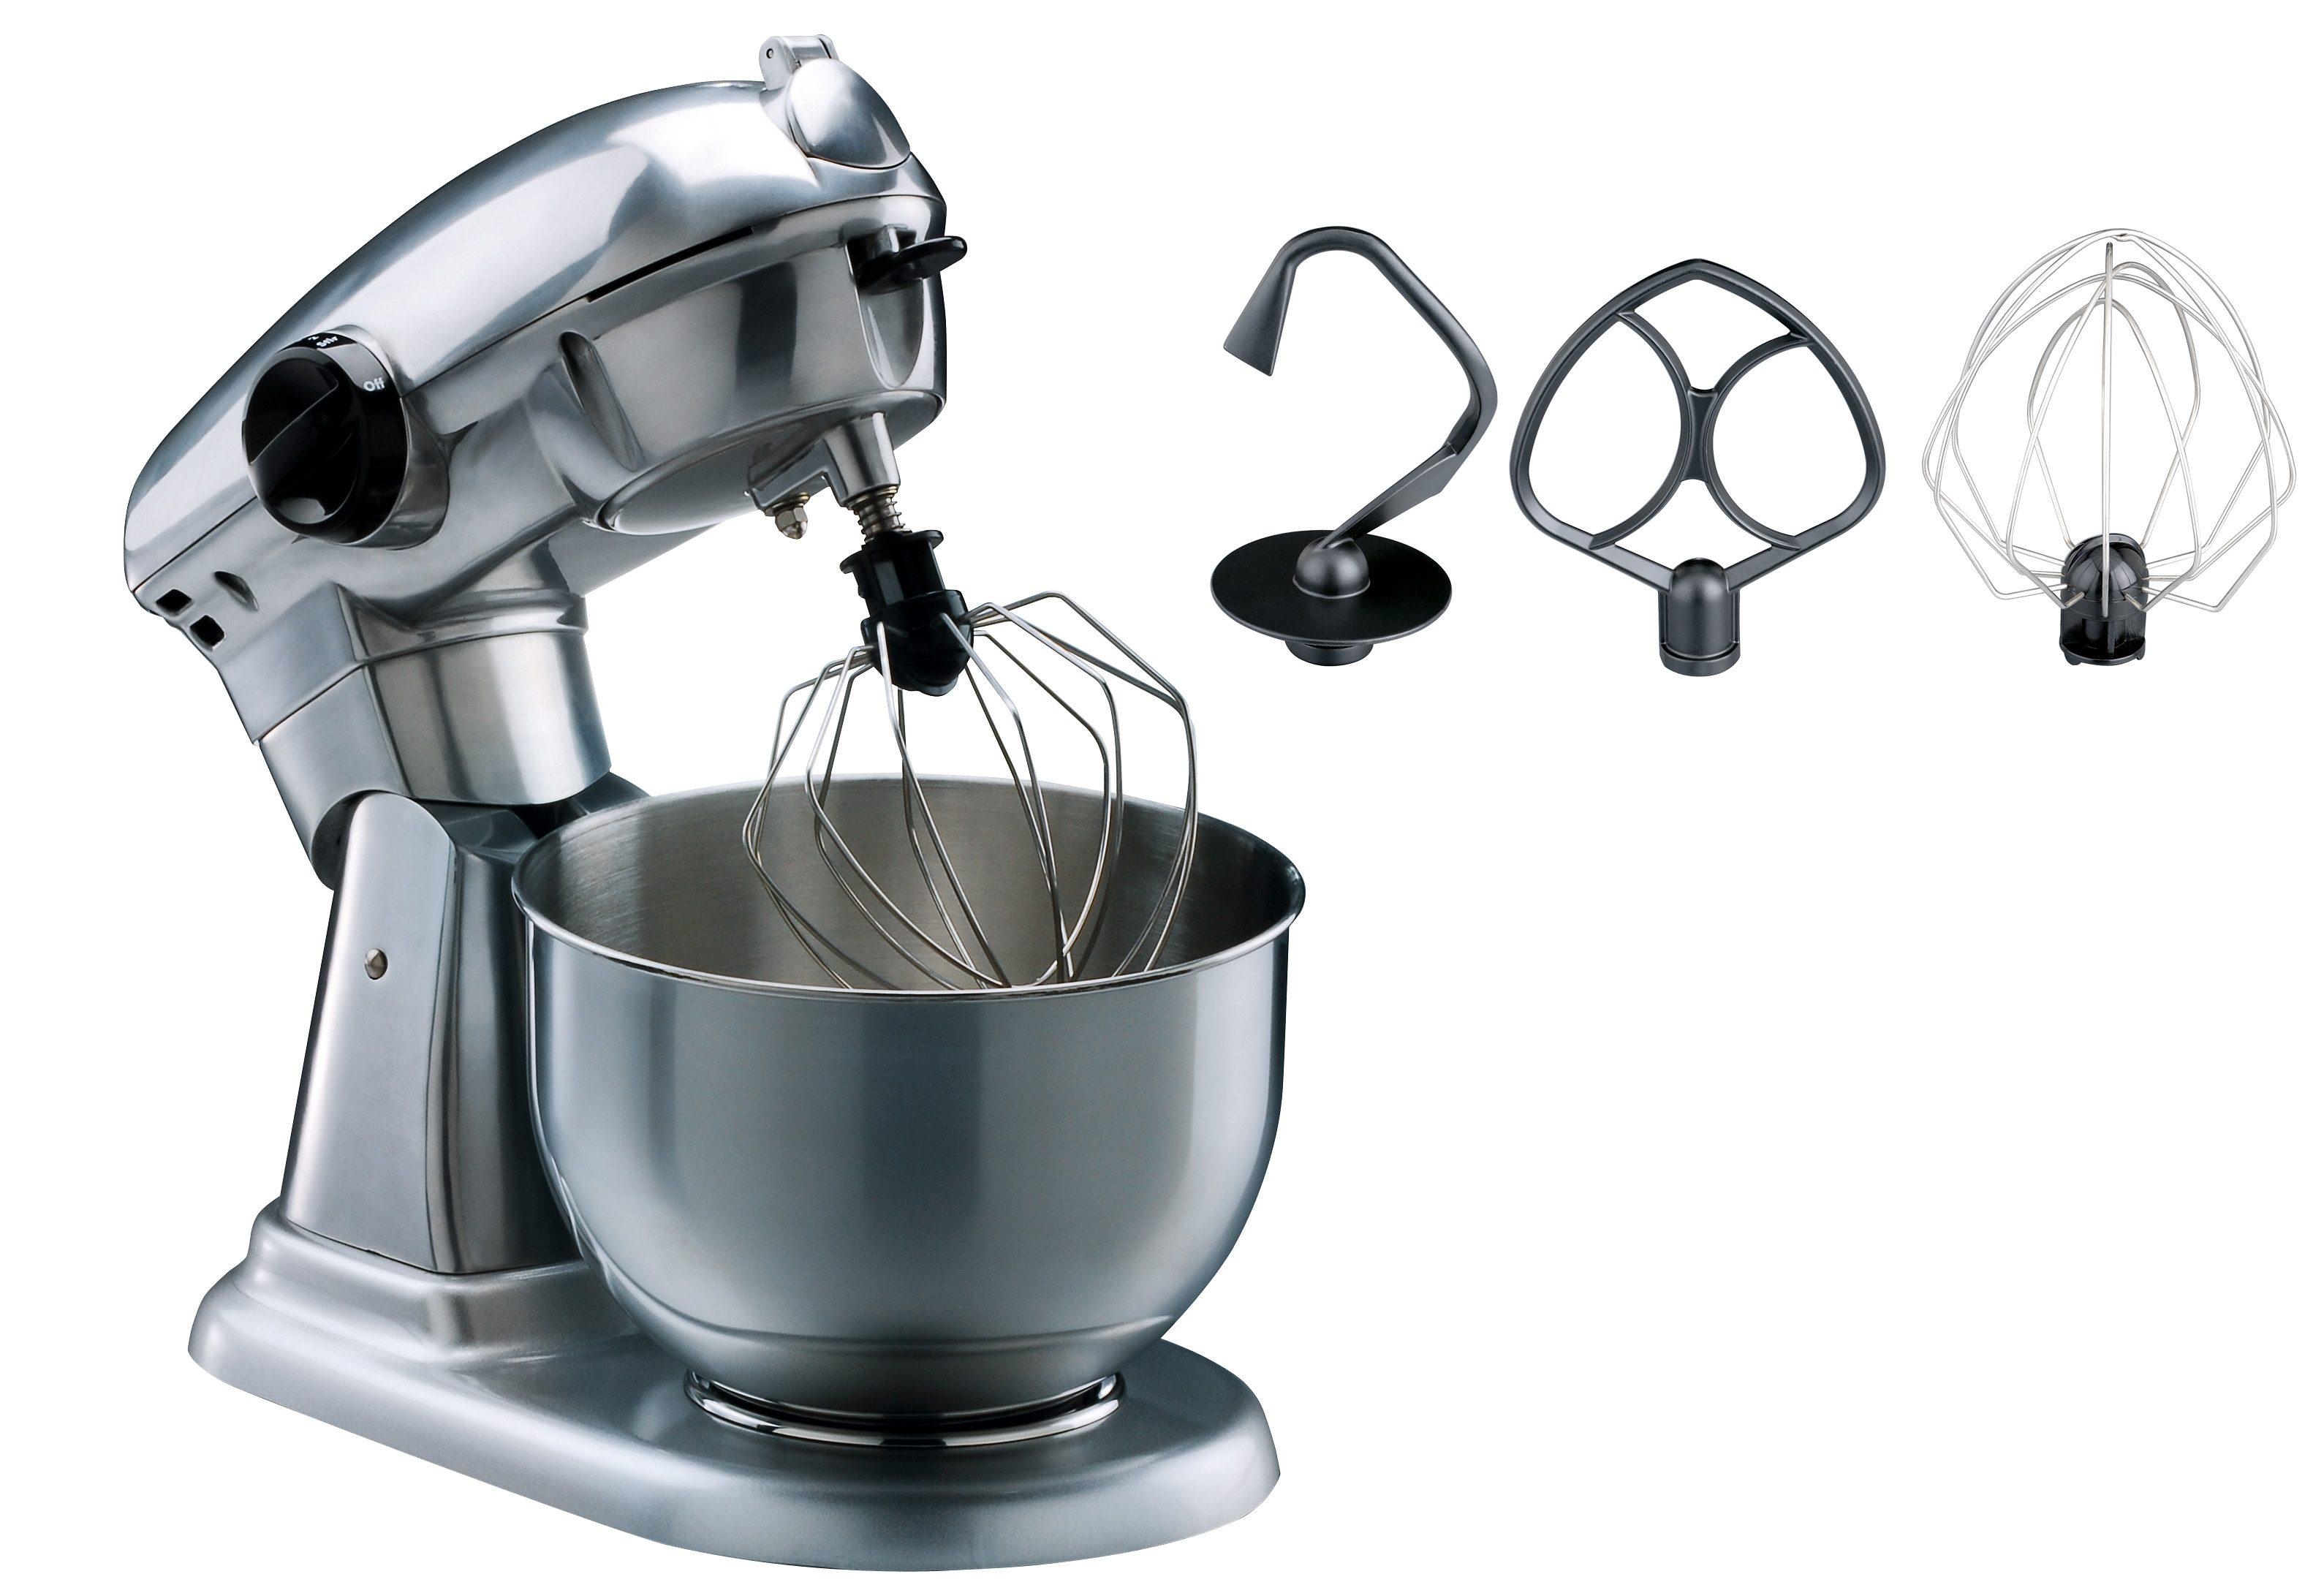 Gastroback Küchenmaschine Advanced 40969, 800 W, 6 l Schüssel